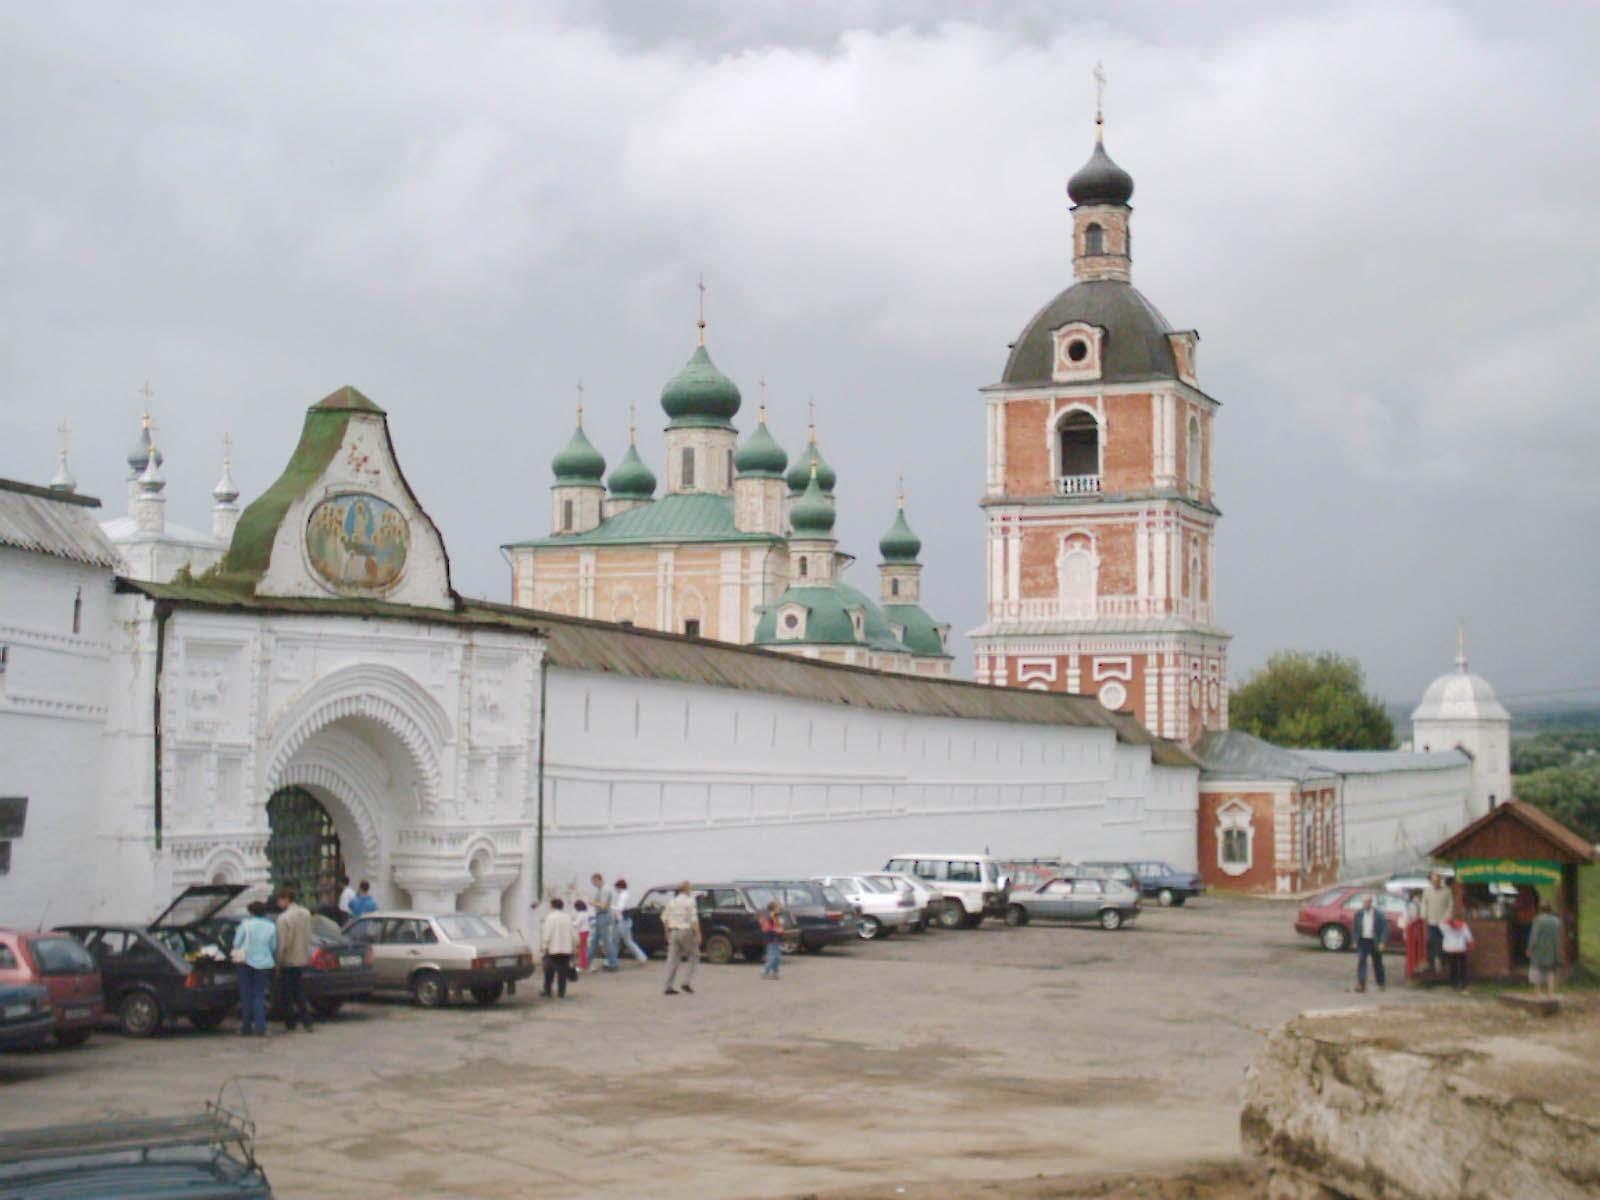 shlyuhi-pereslavl-zalesskiy